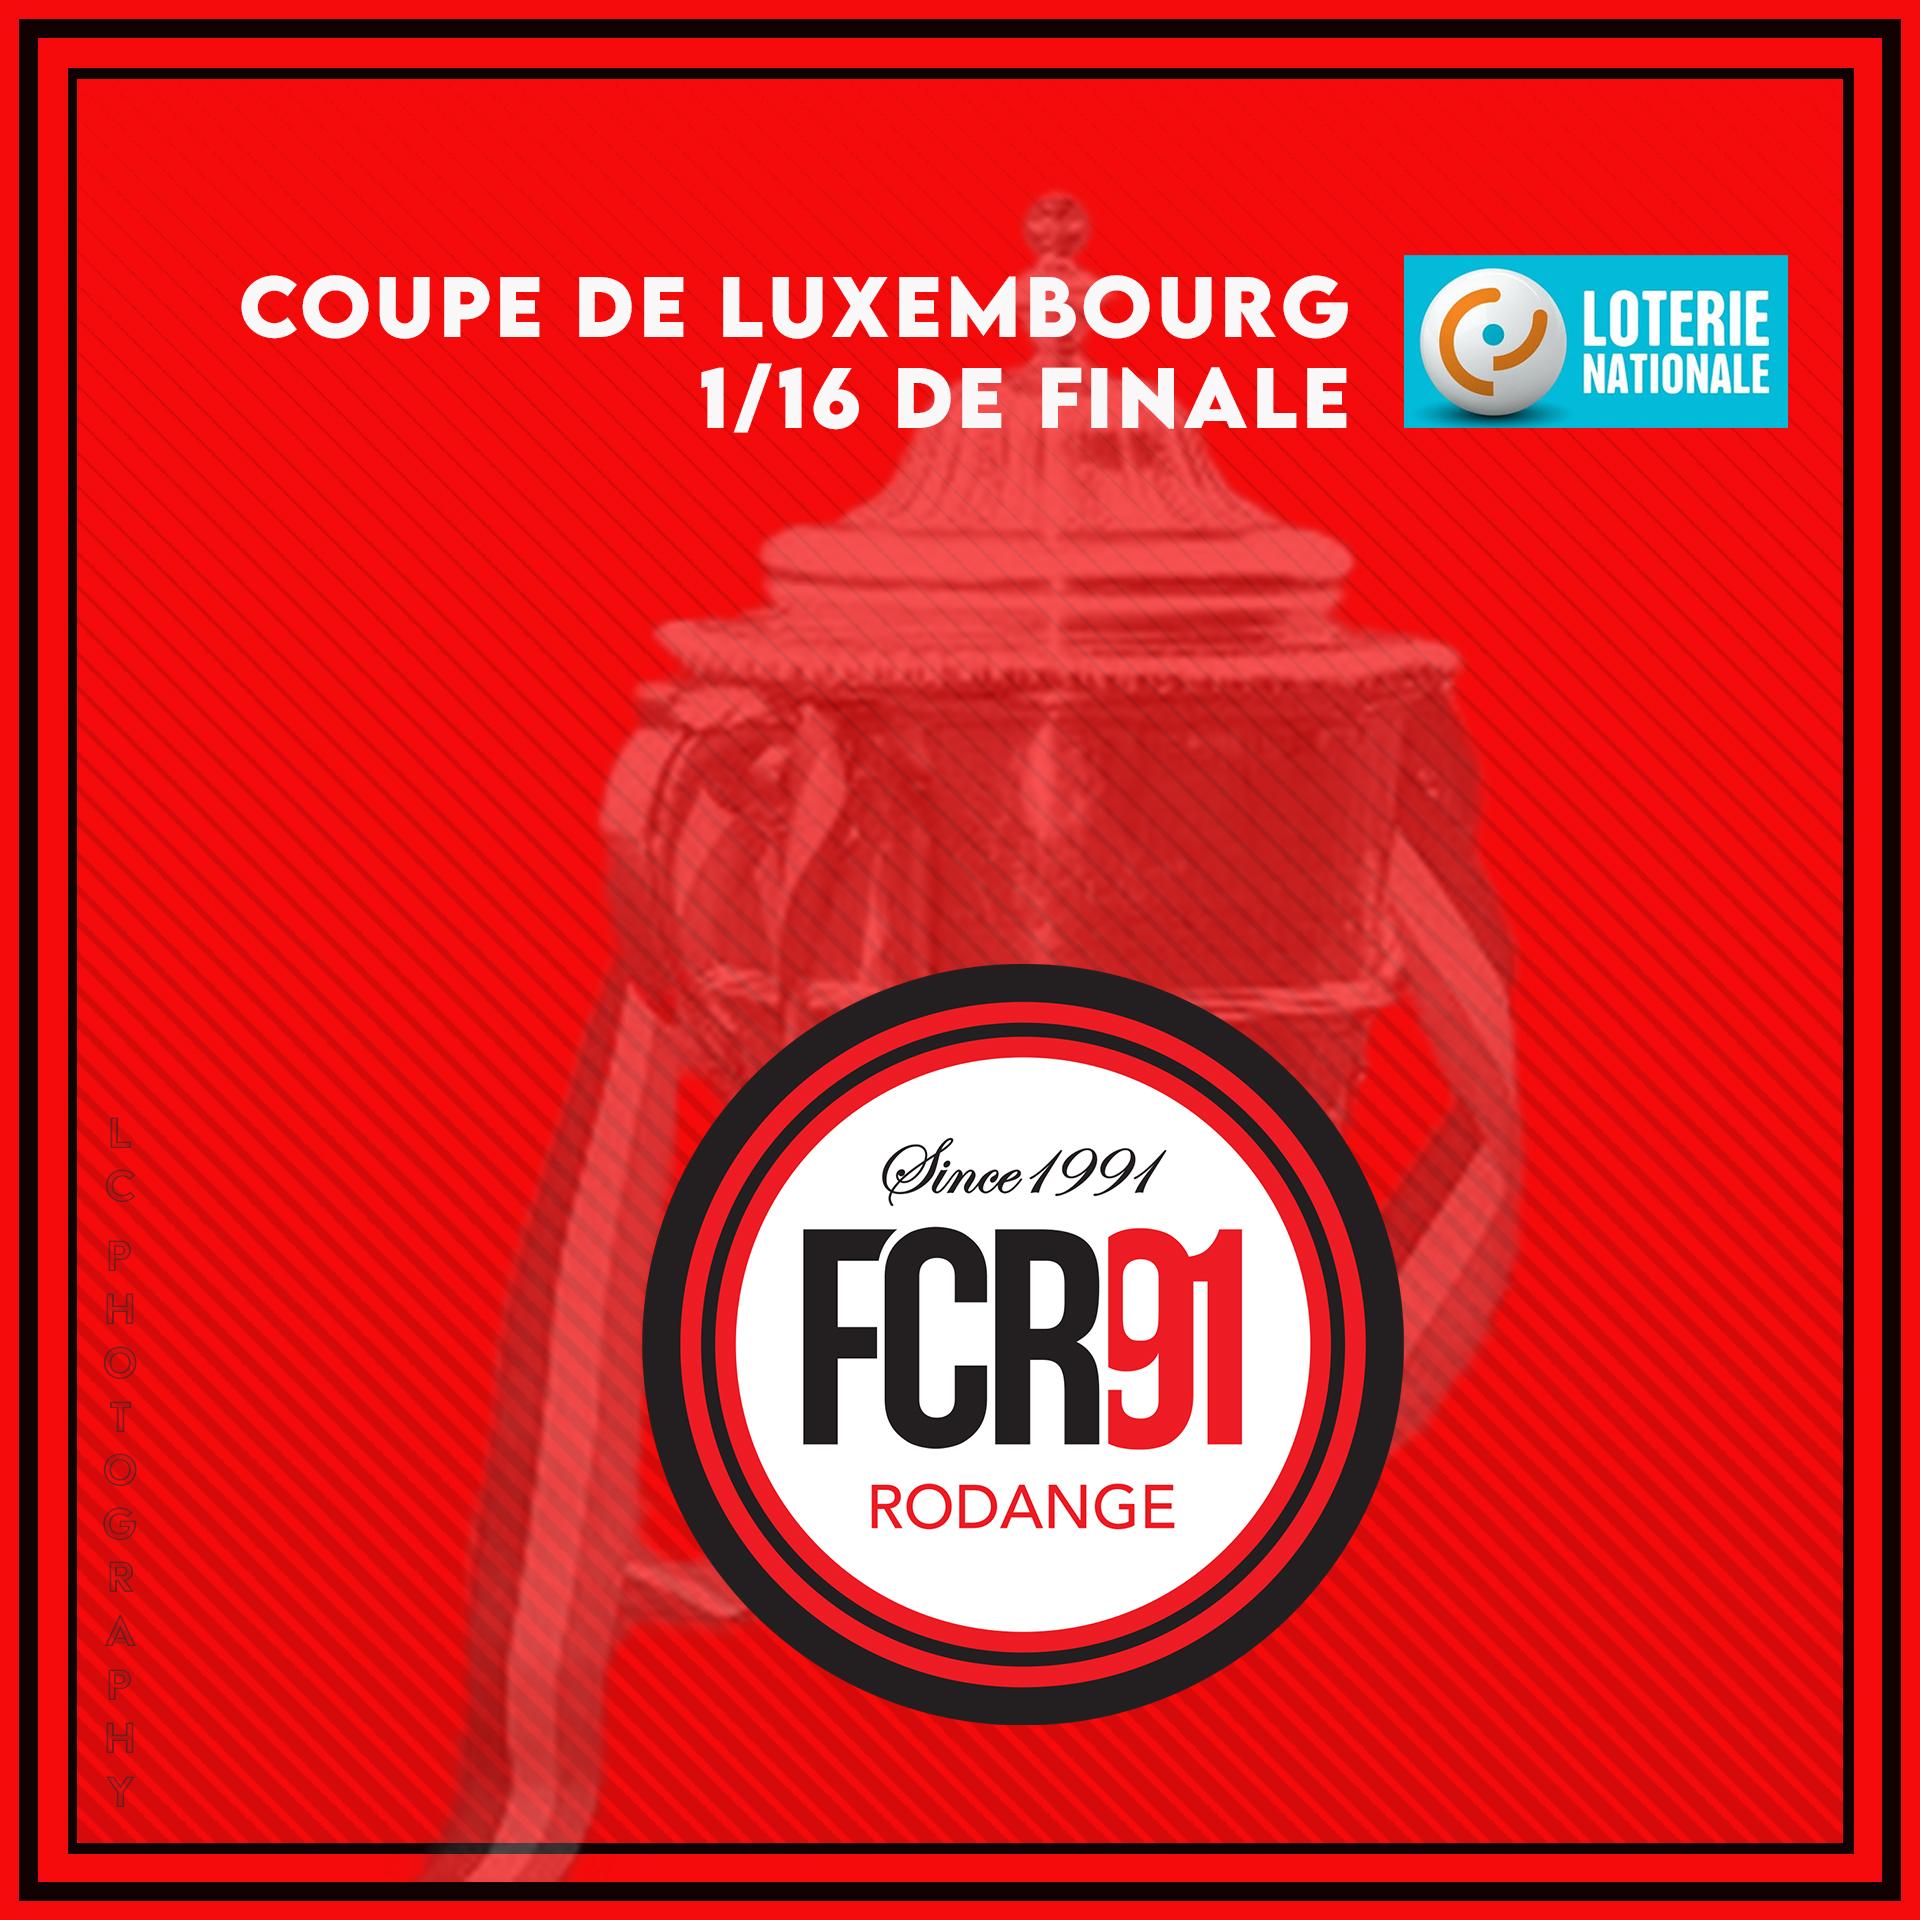 Tirage 1/16e de finale Coupe de Luxembourg